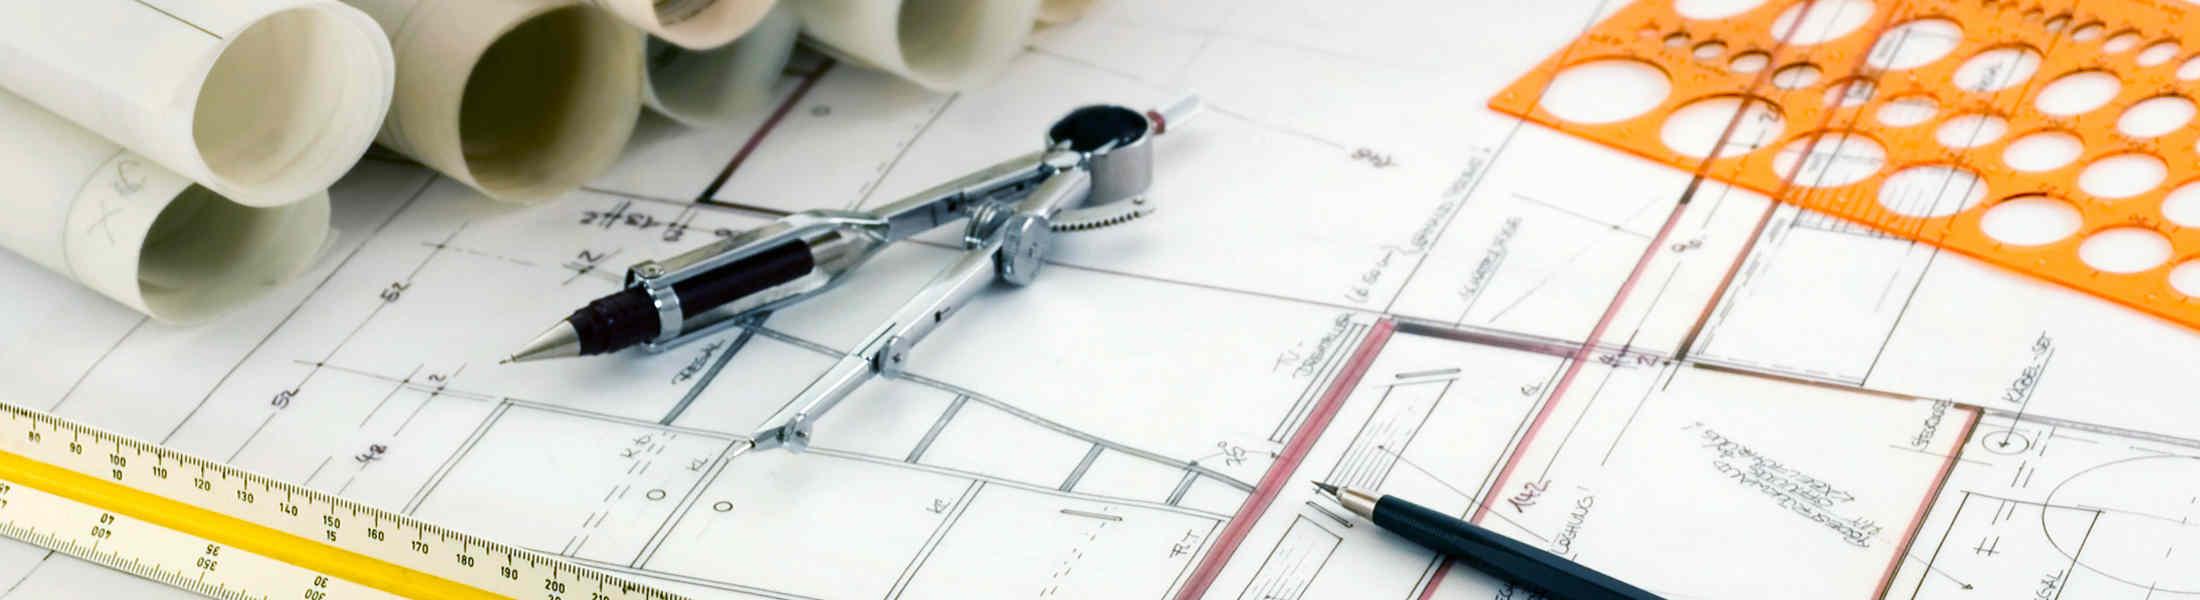 Arquitectos e interioristas comercial ceramista - Arquitectos interioristas ...